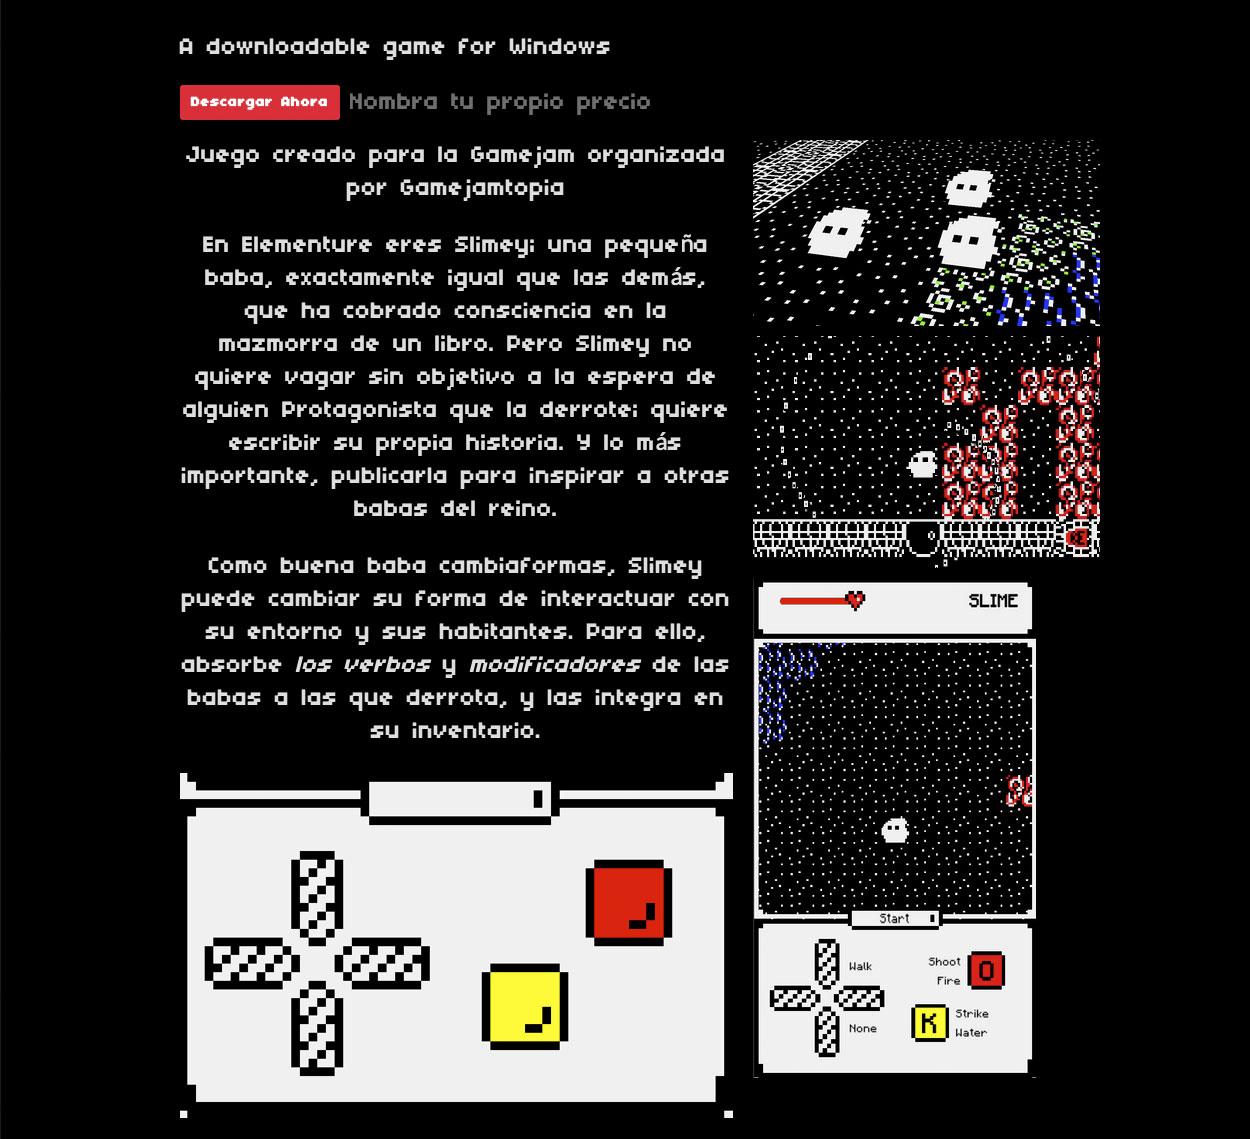 Página de itch.io del juego Elementure, de la game jam online GameJamTopia